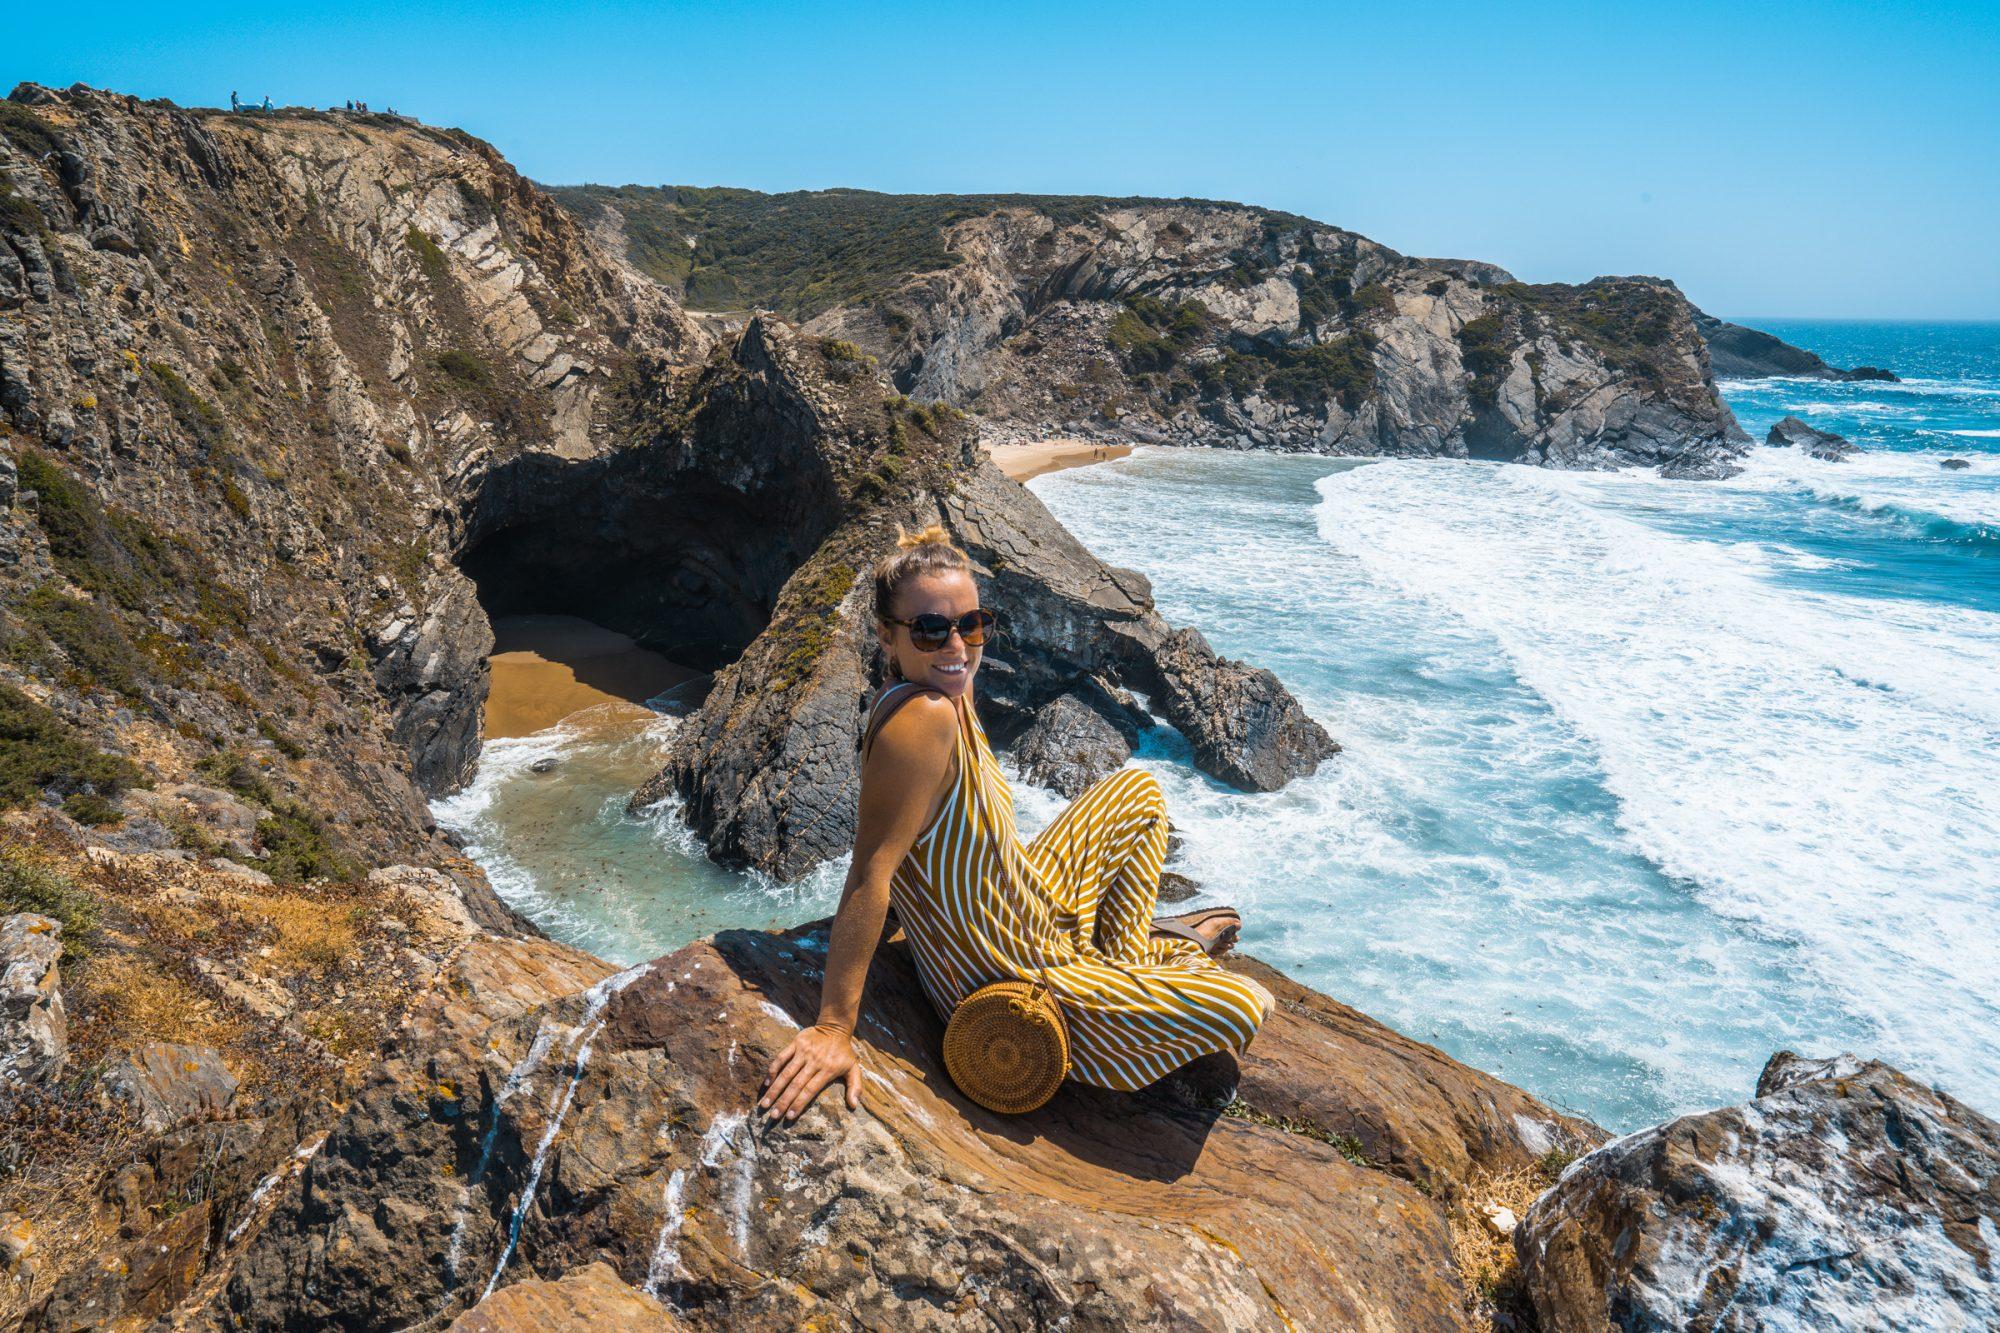 Praia de Odeceixe, Schönsten Strände in Portugal, Algarve Tipps